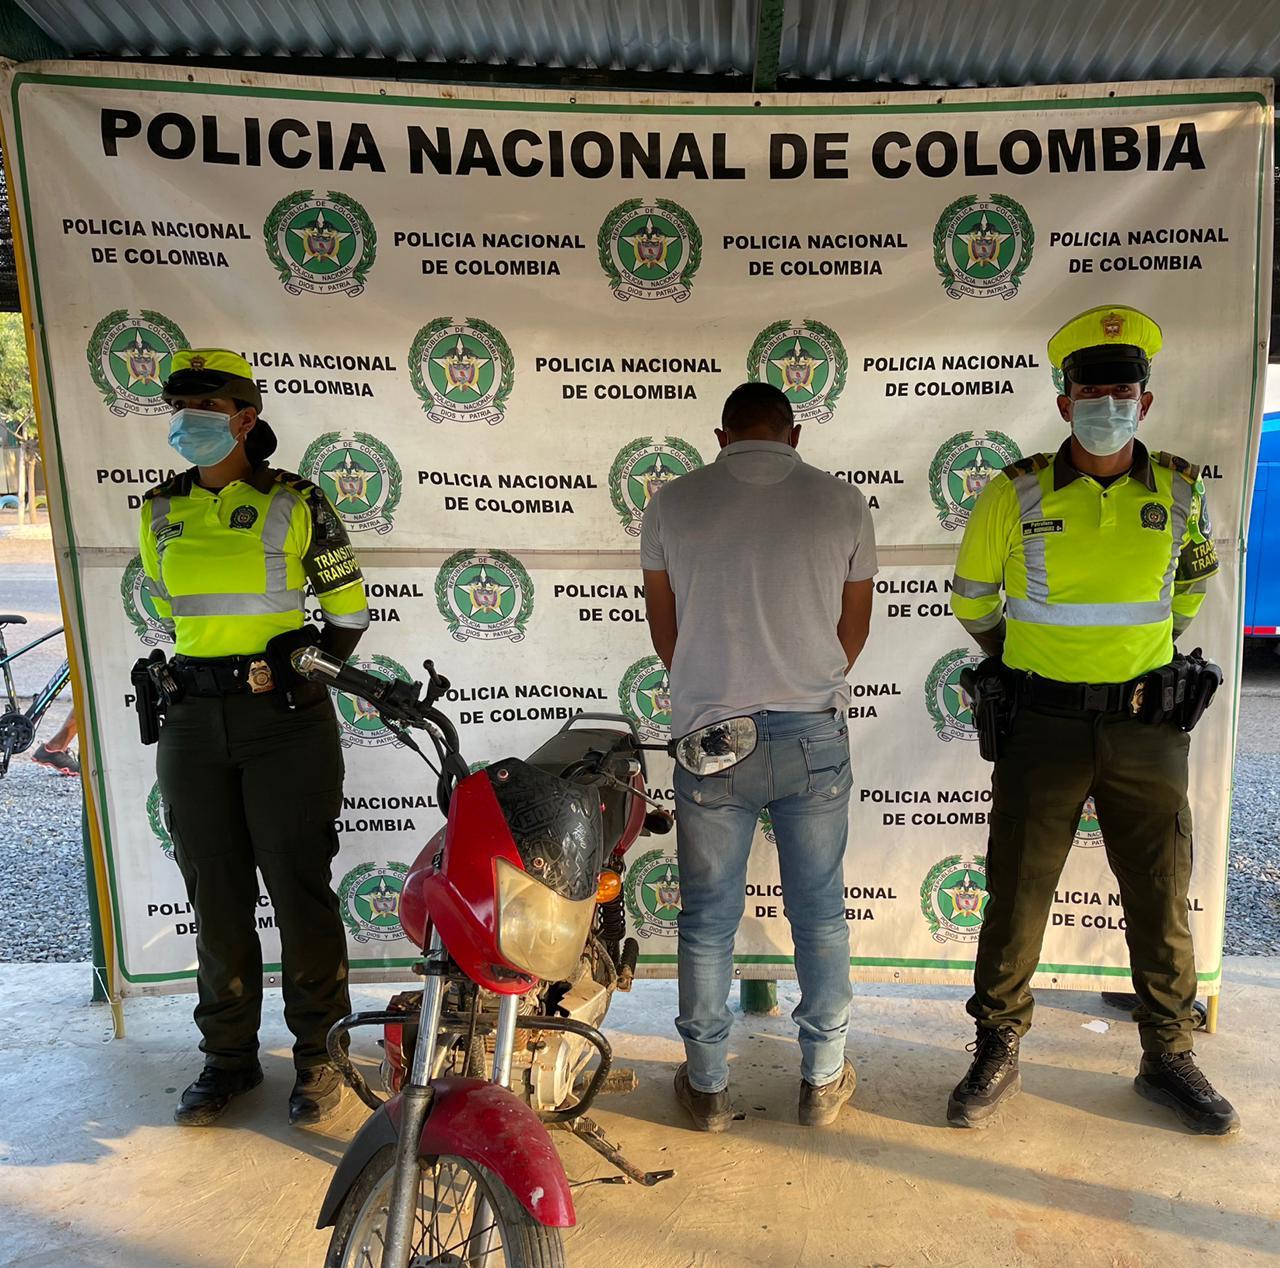 https://www.notasrosas.com/